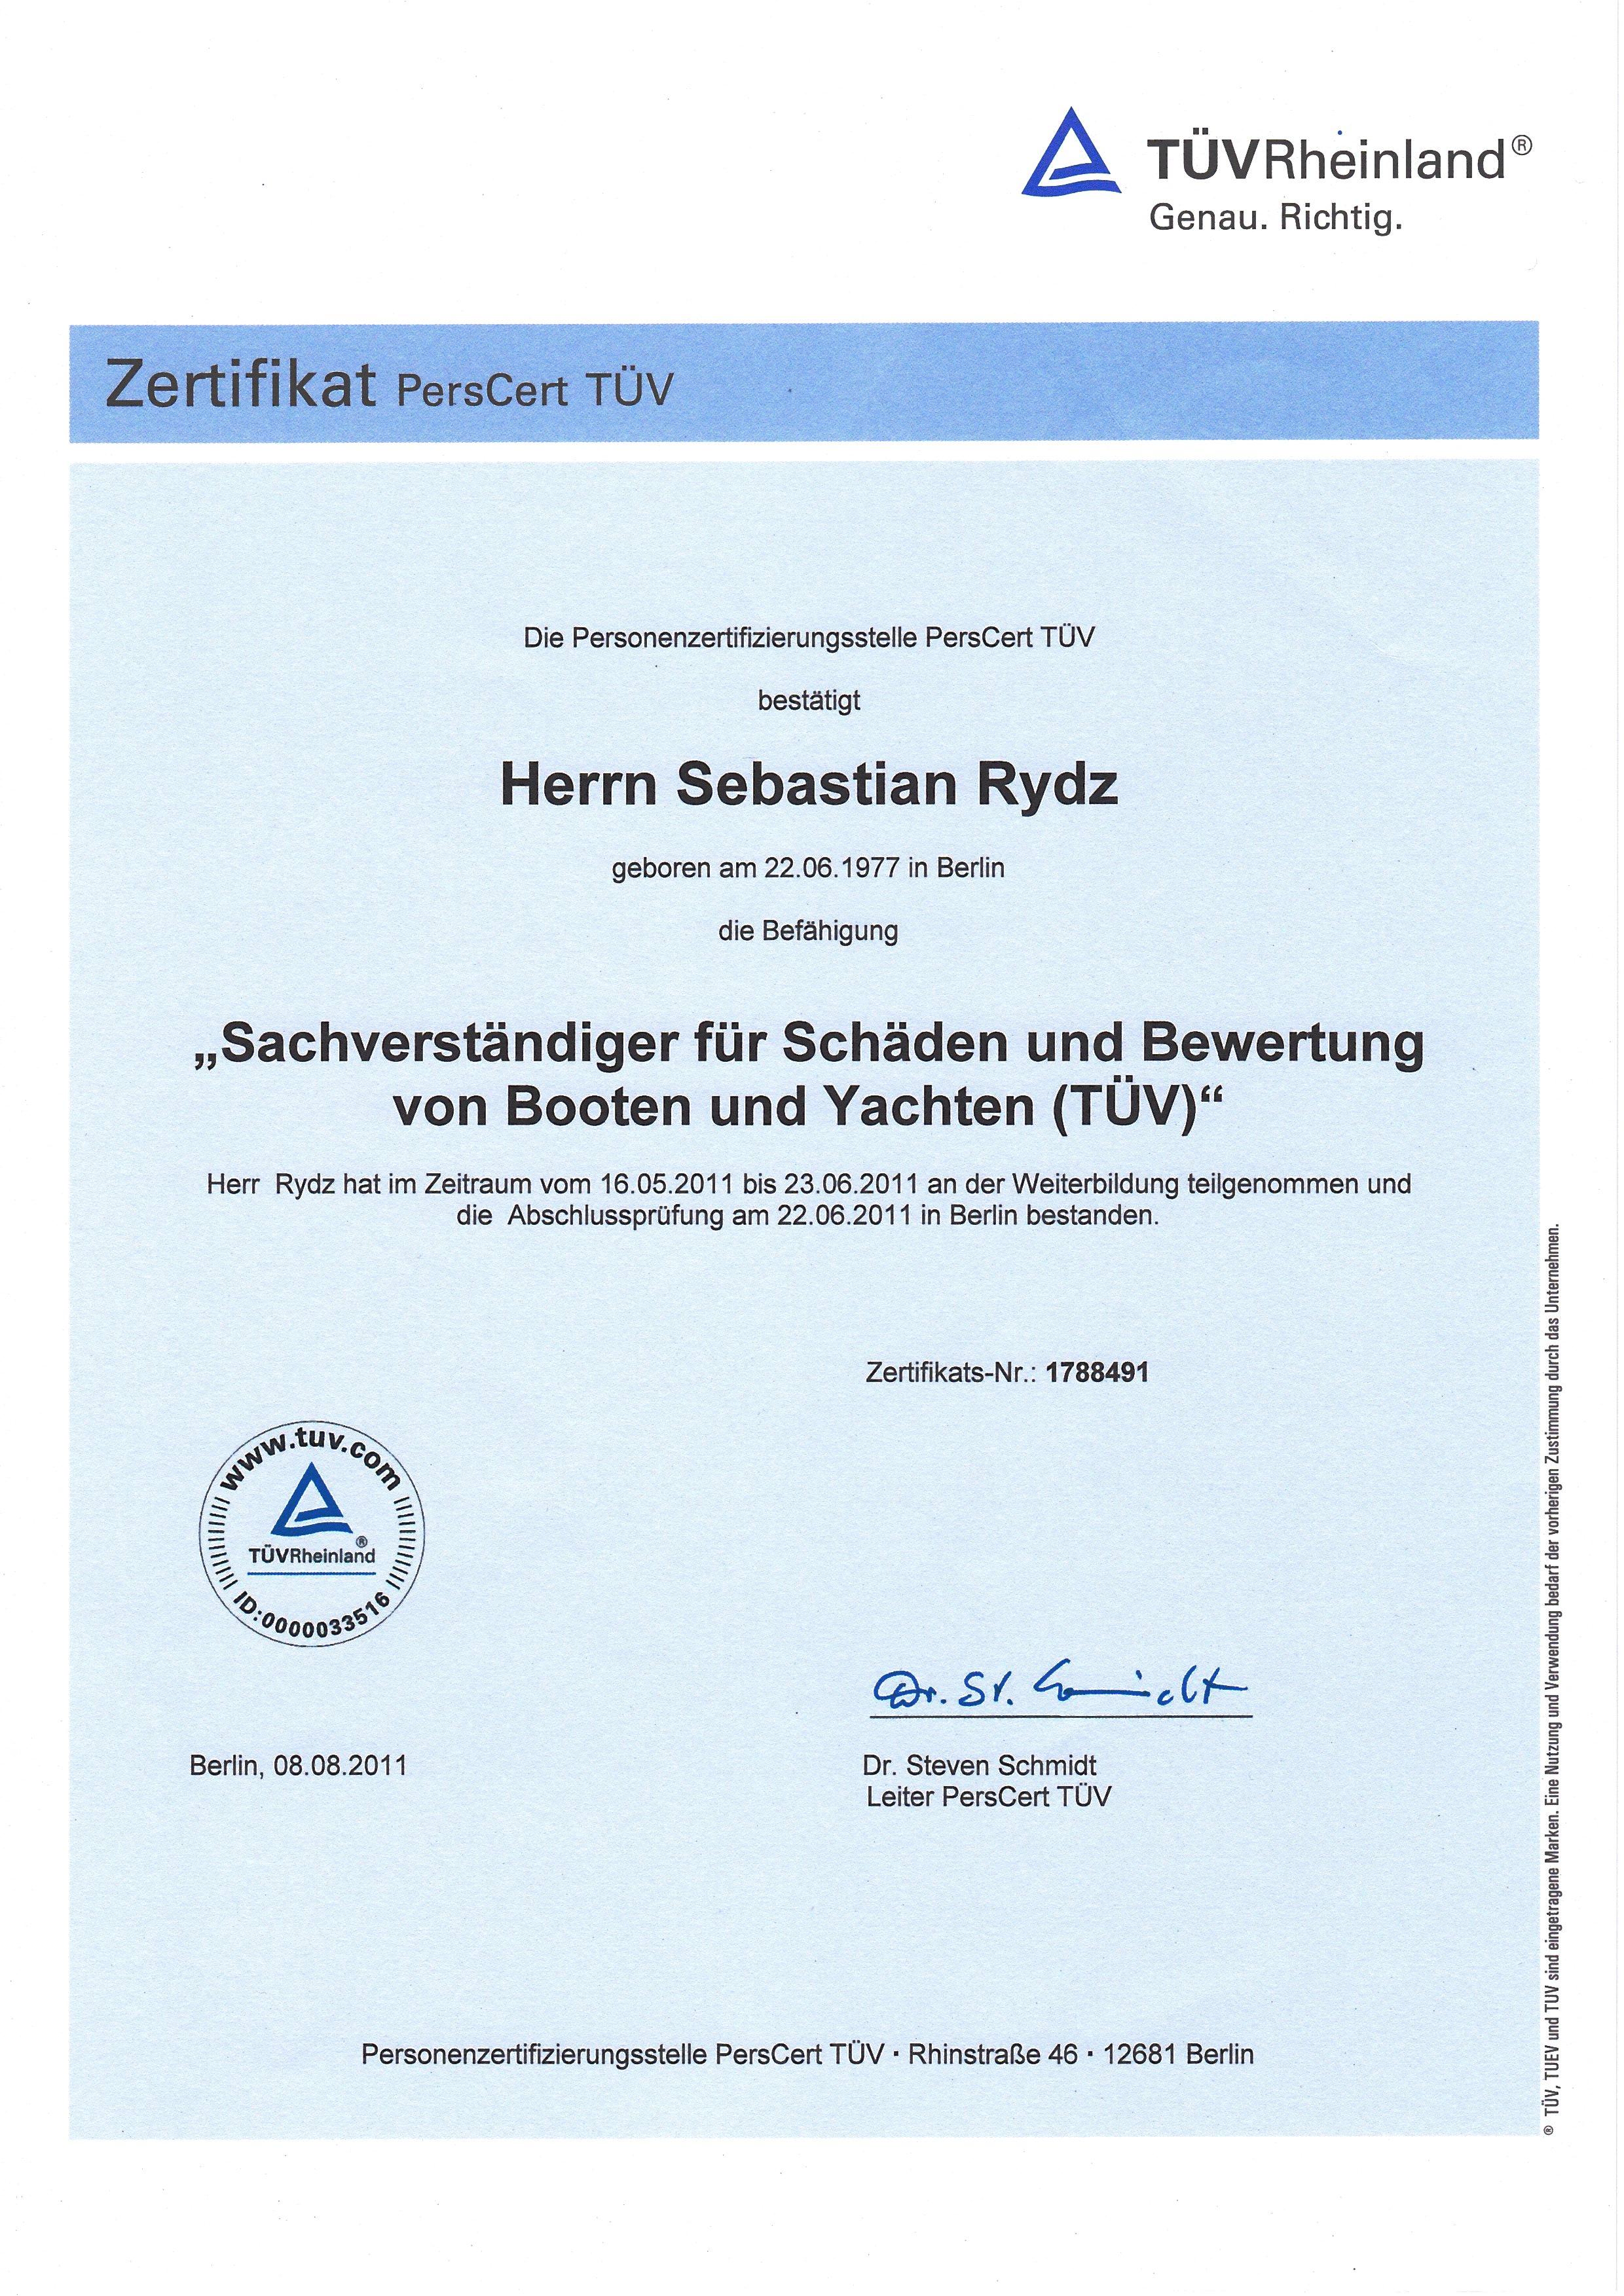 Zertifikat PersCert TÜV Rheinland, Sachverständiger für Schäden und Bewertung von Booten und Yachten